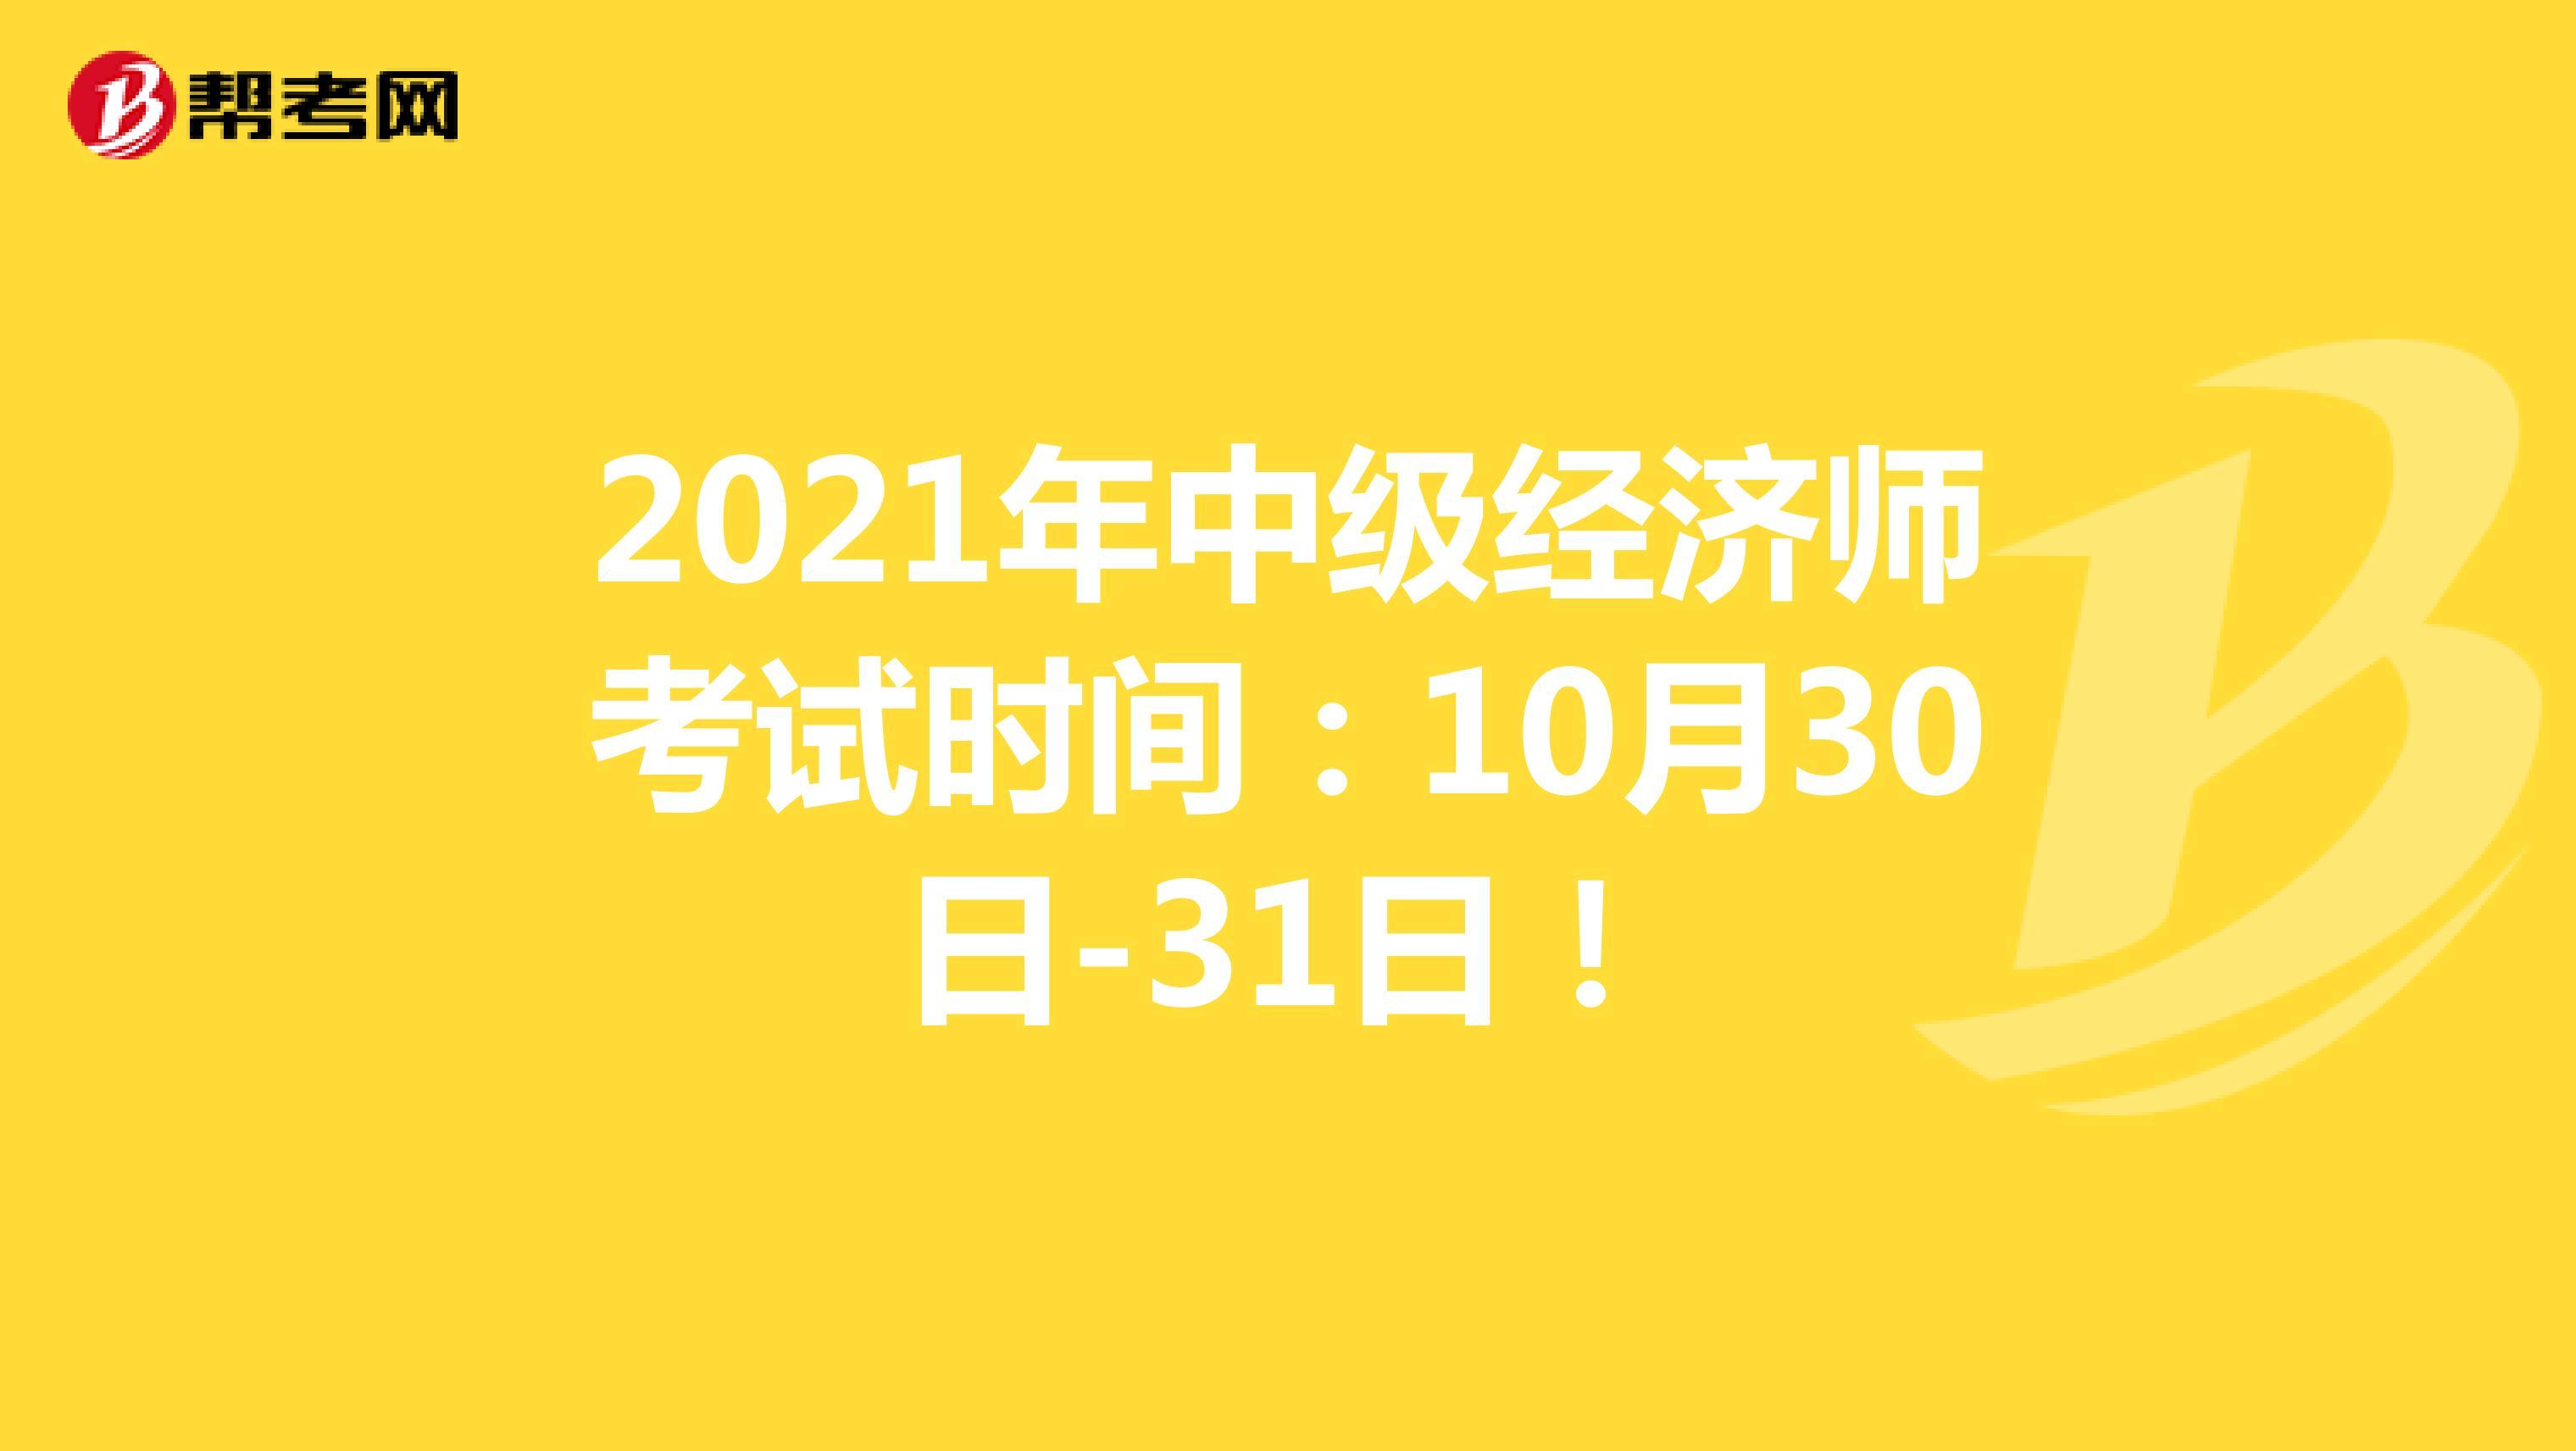 2021年中级经济师考试时间:10月30日-31日!